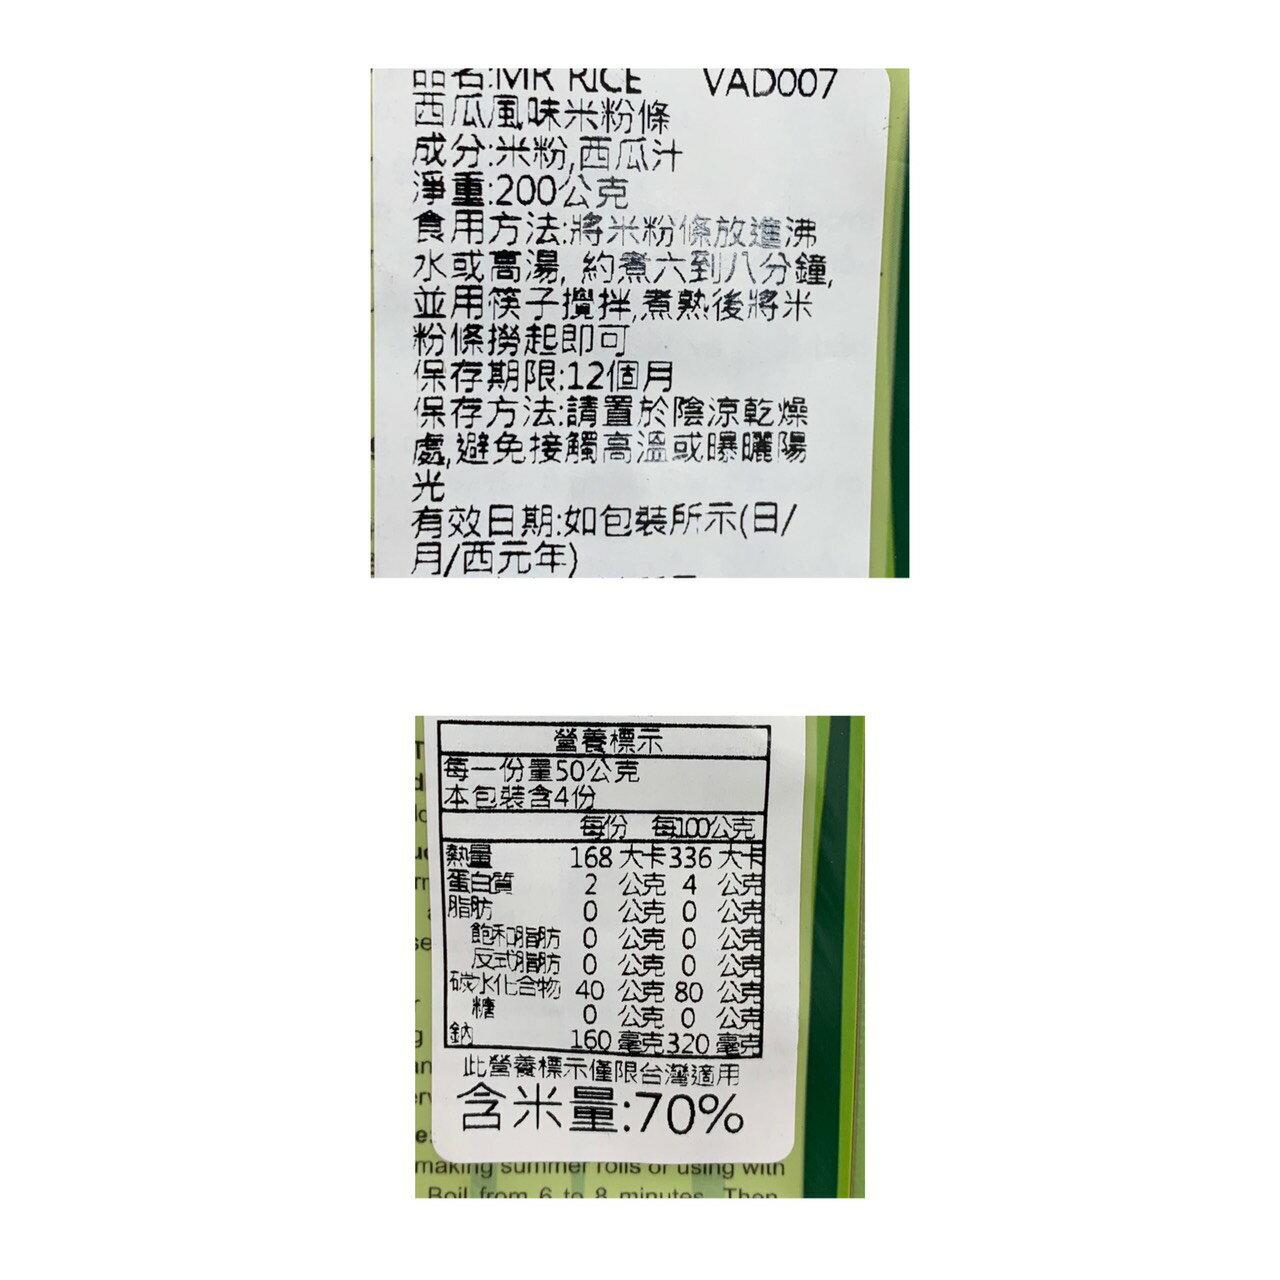 {泰菲印越} 越南 mr rice 西瓜風味米粉條 西瓜麵 西瓜風味方便麵 200克